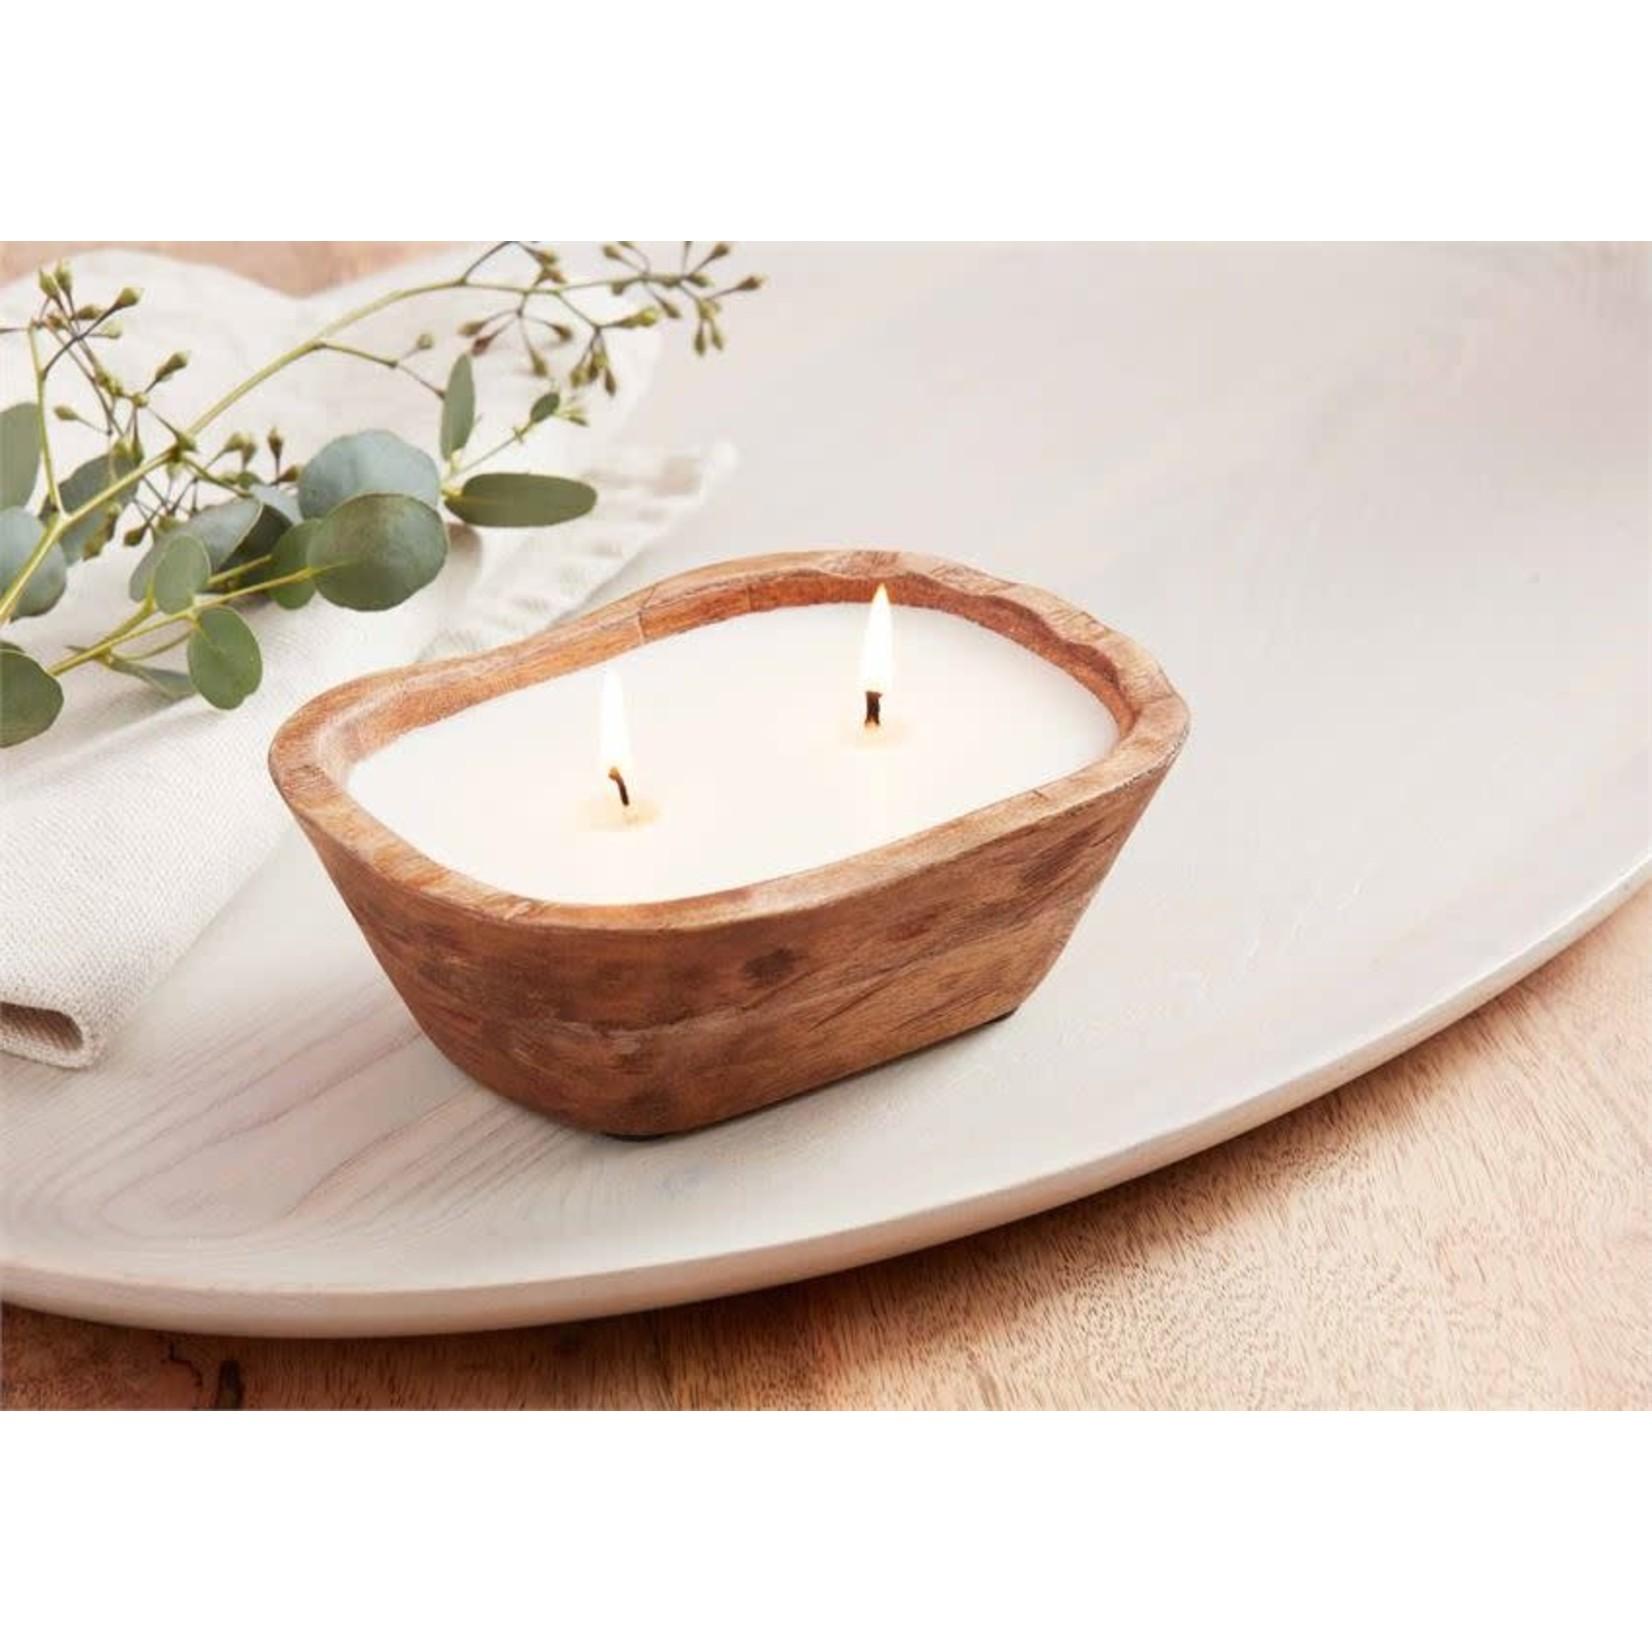 Petit Wood Bowl Candle (Multiple Sizes)